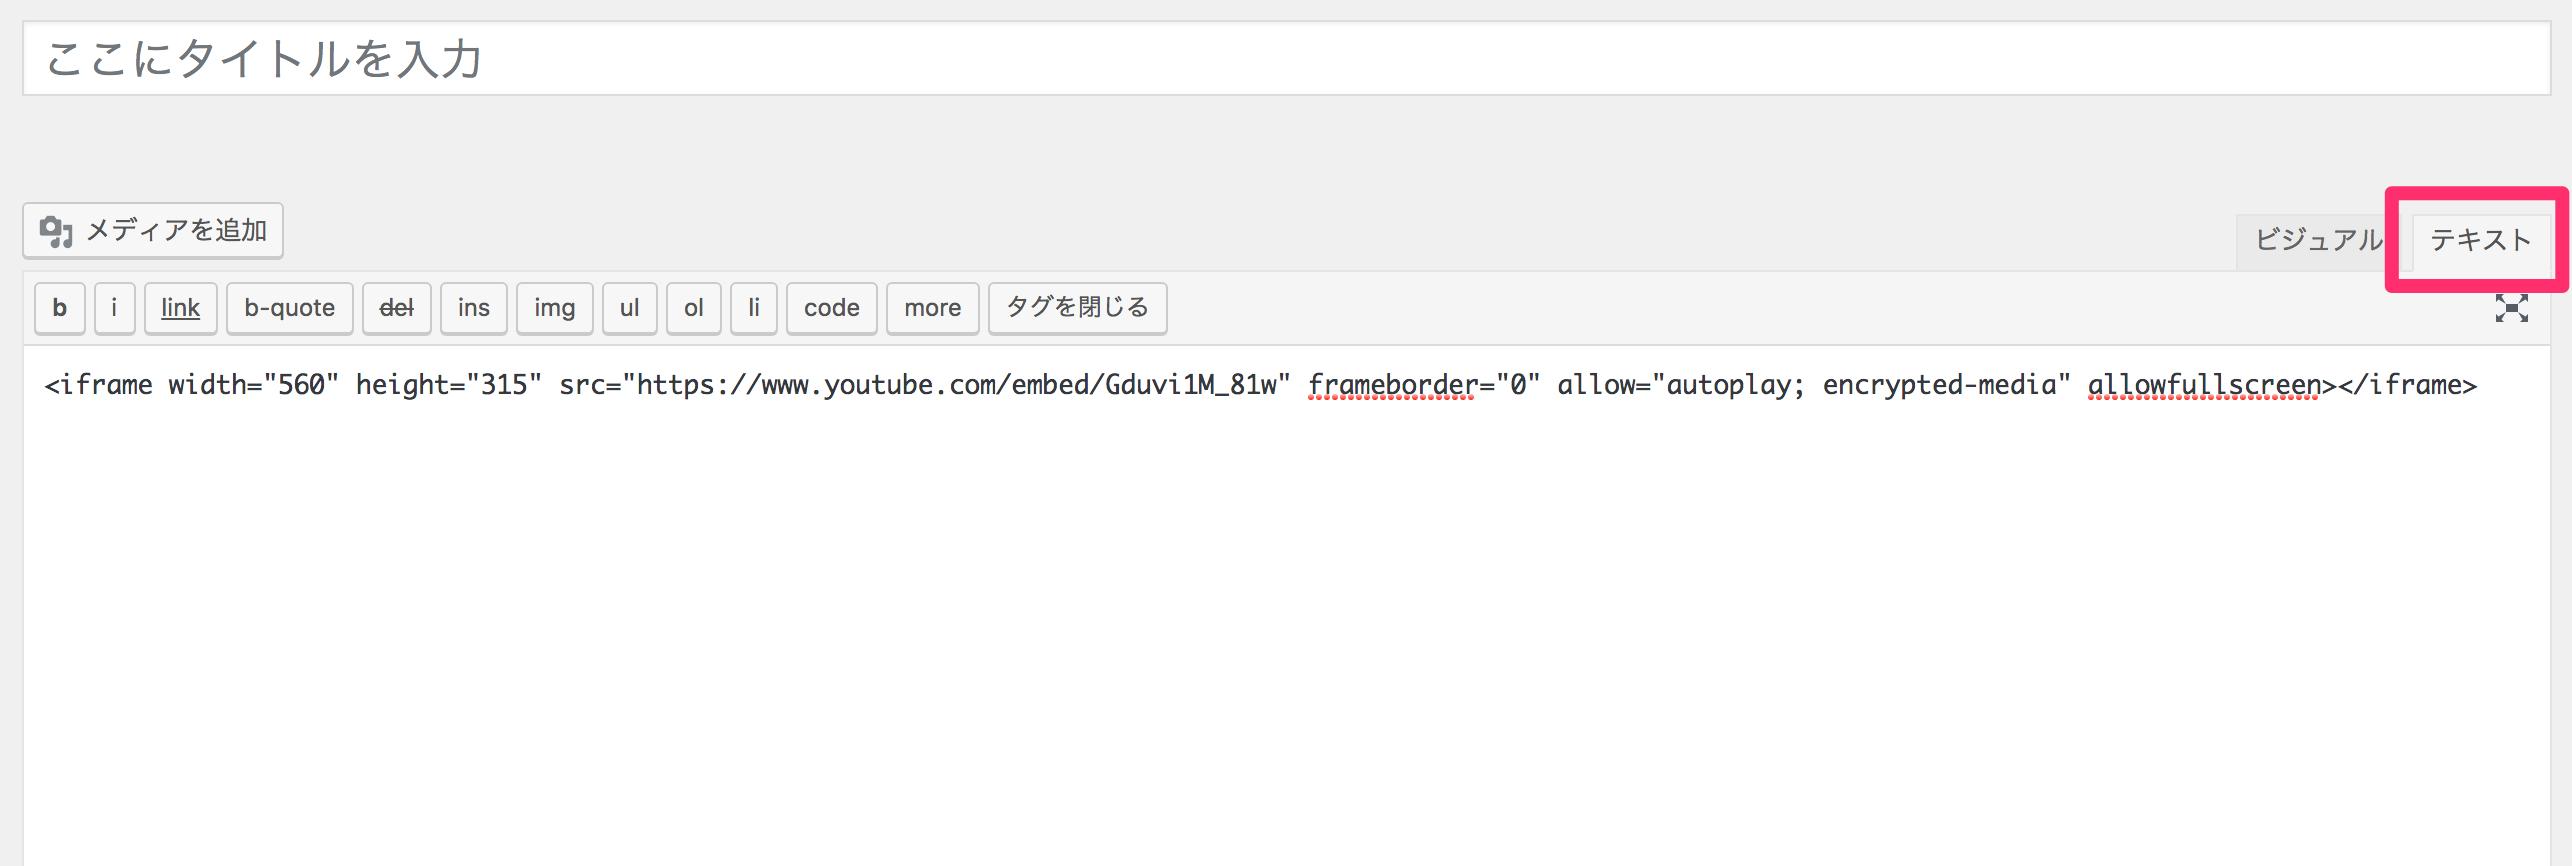 WordPress の入力ページで、「テキスト」入力モードにして、コピーした HTML コードを貼り付けます